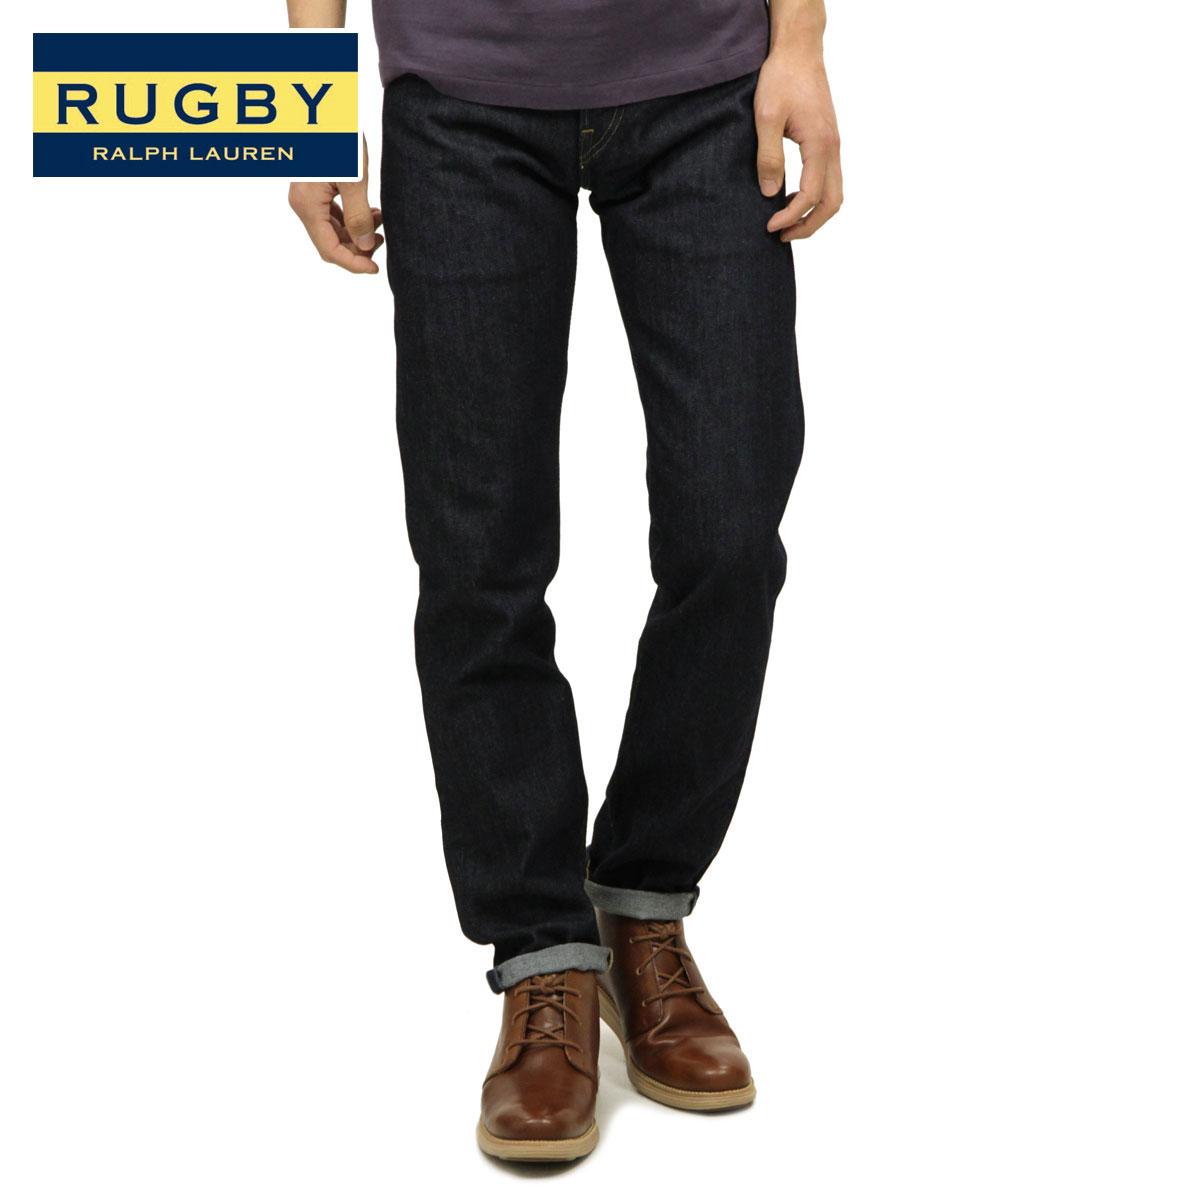 ラルフローレン ラグビー RUGBY RALPH LAUREN 正規品 メンズ スリムジーンズ Straight Slim Jean D20S30